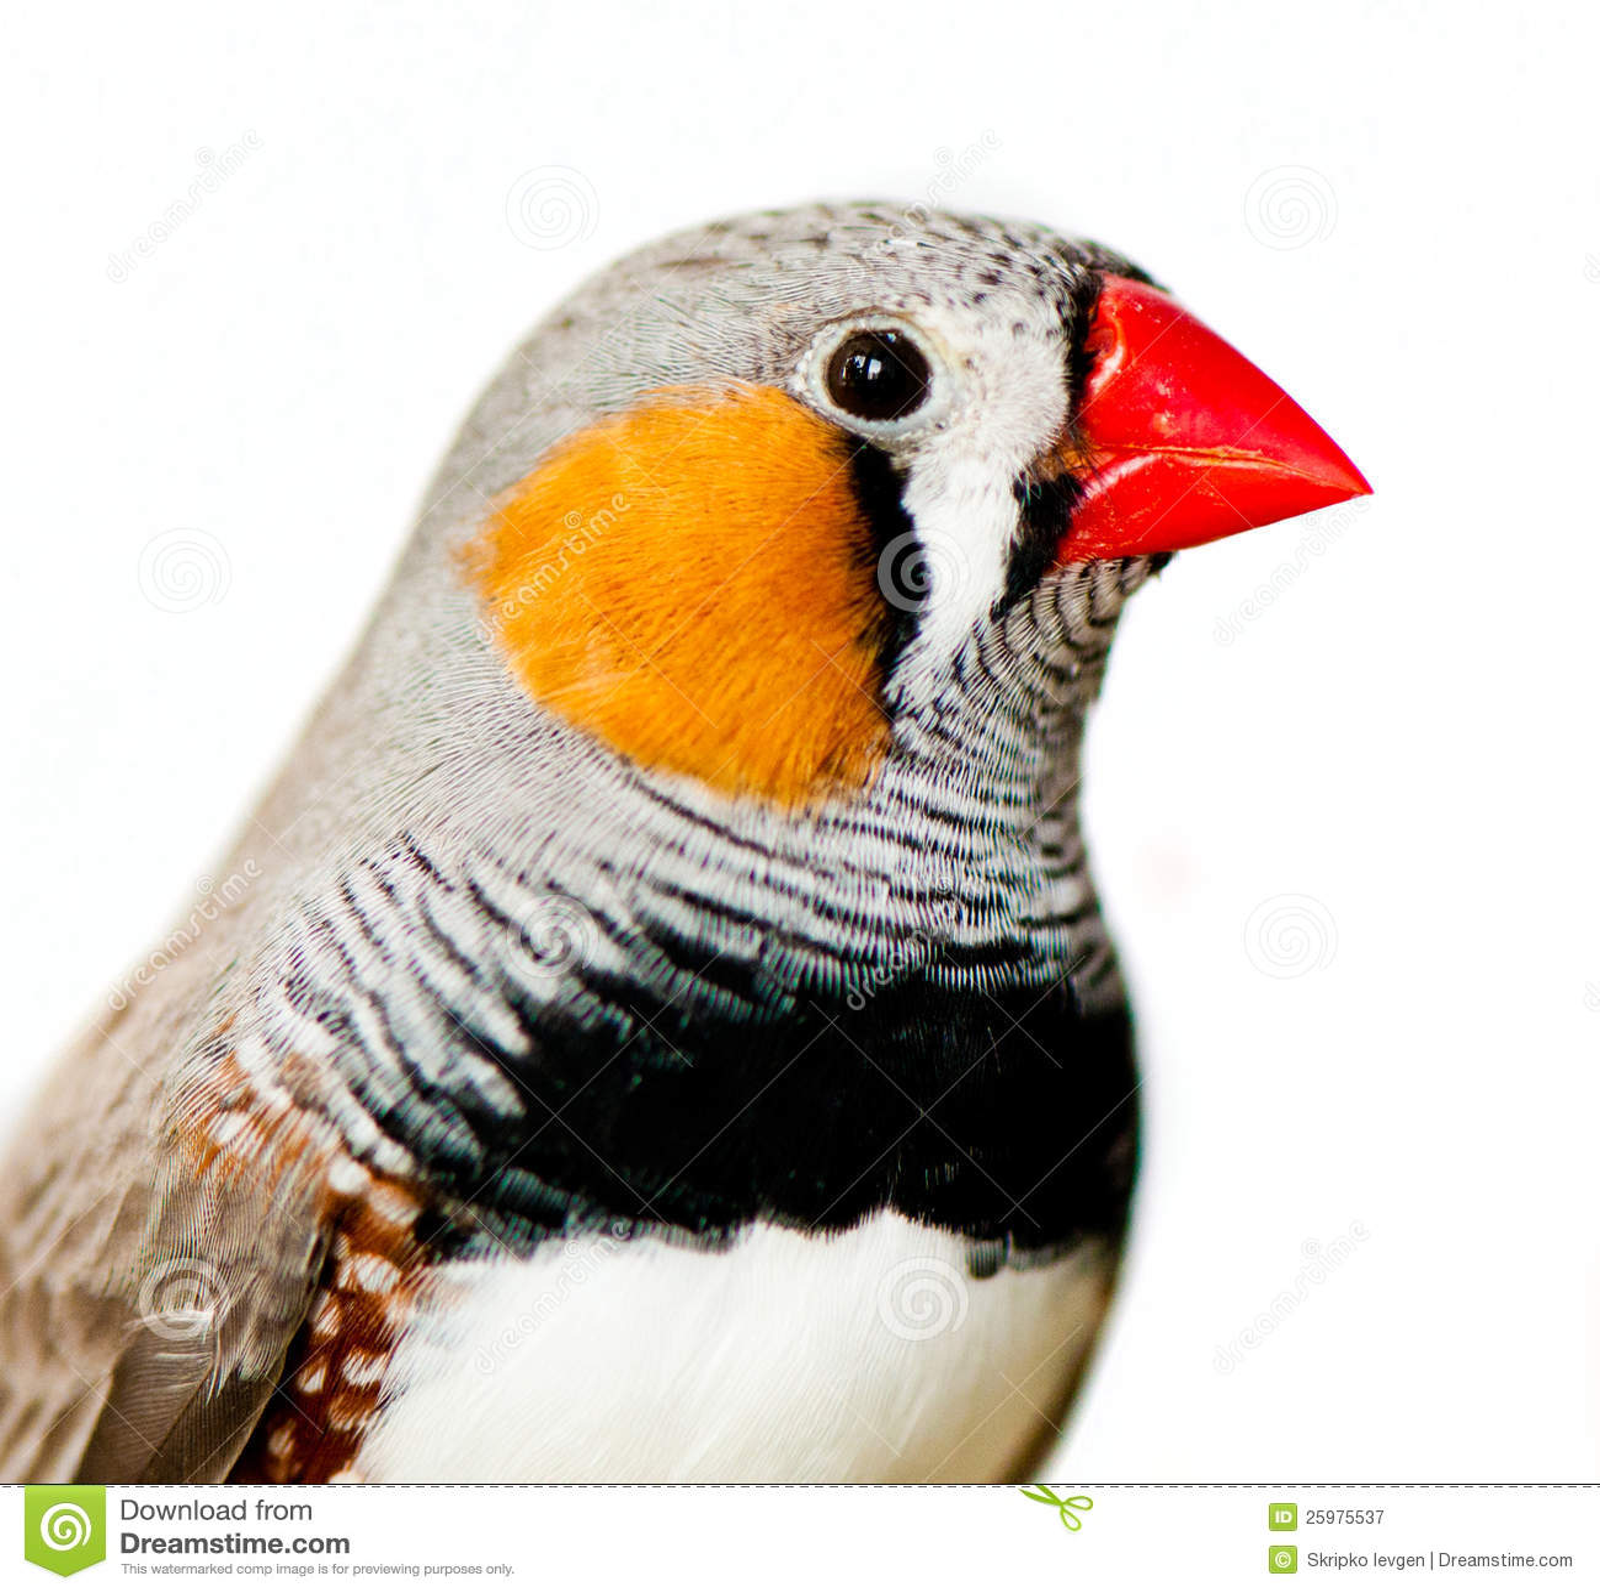 Zebry Finch